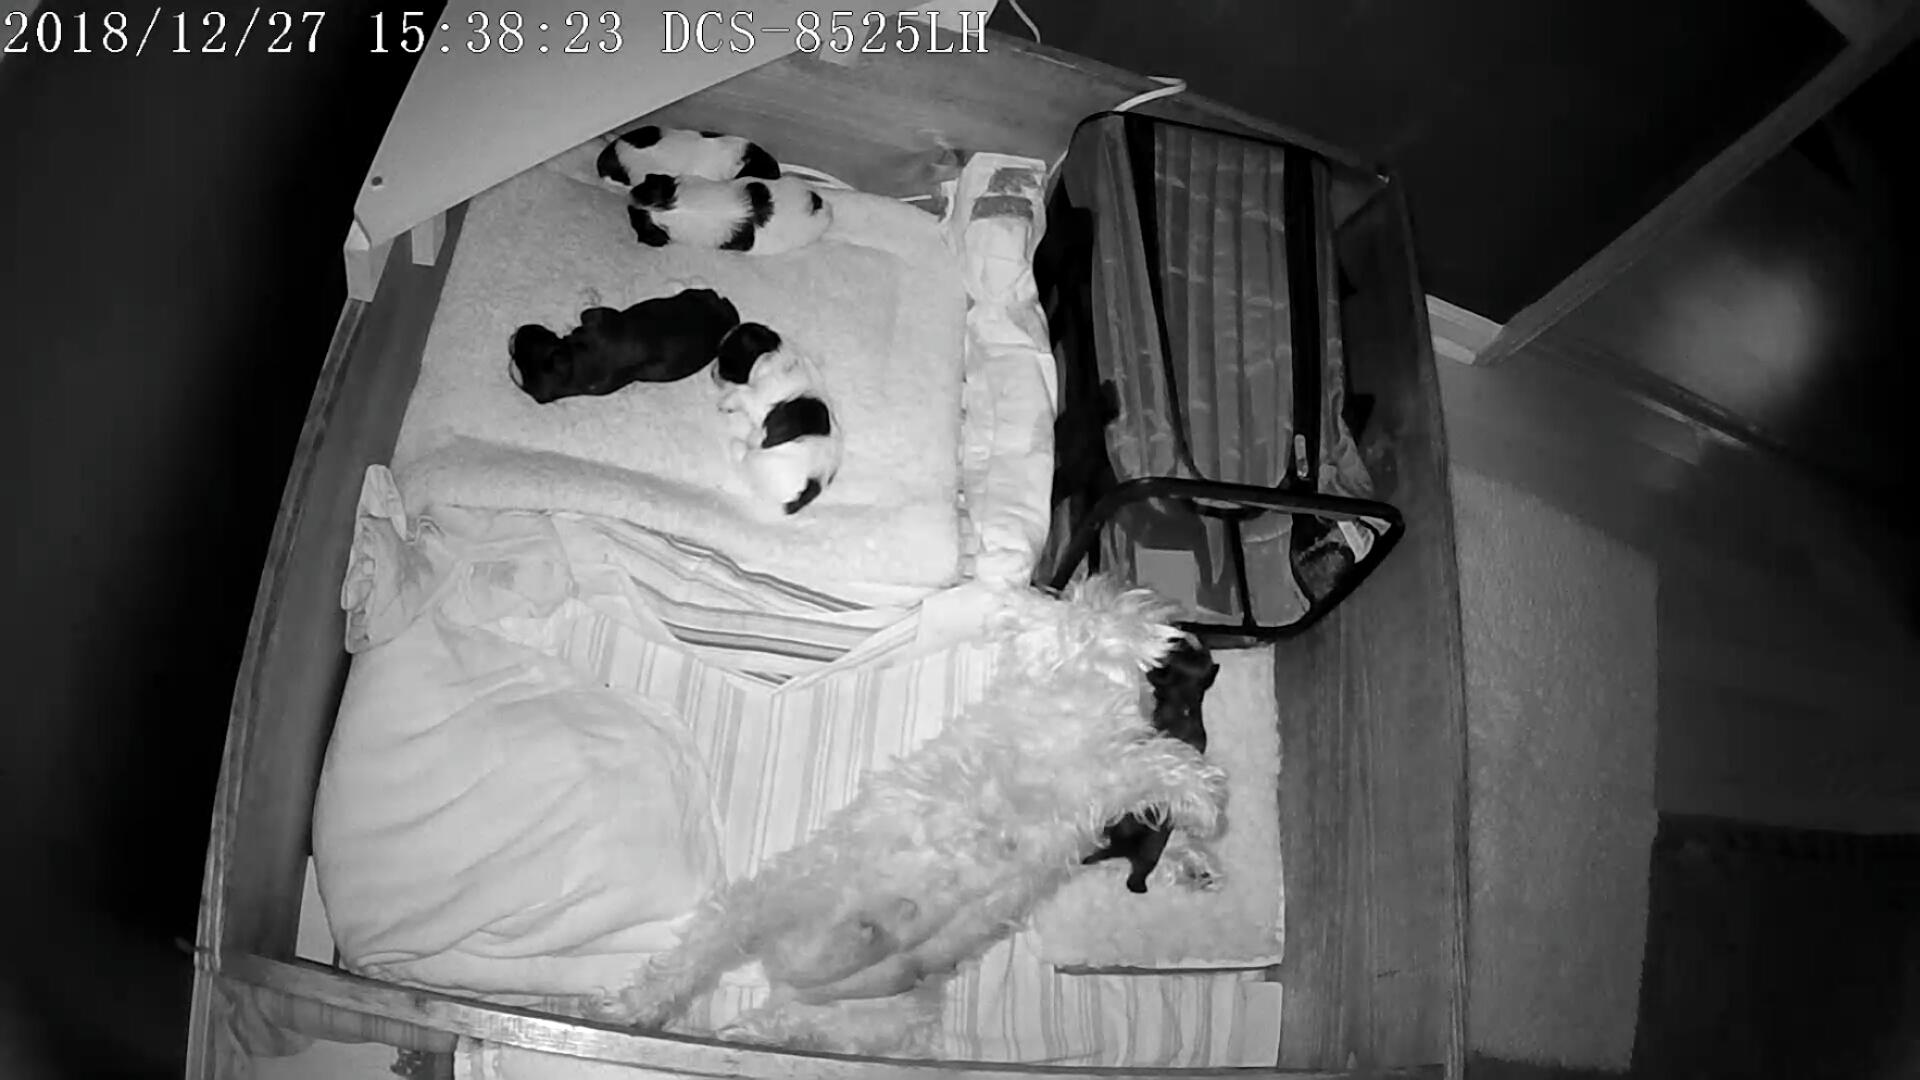 Puppies 1 week 4